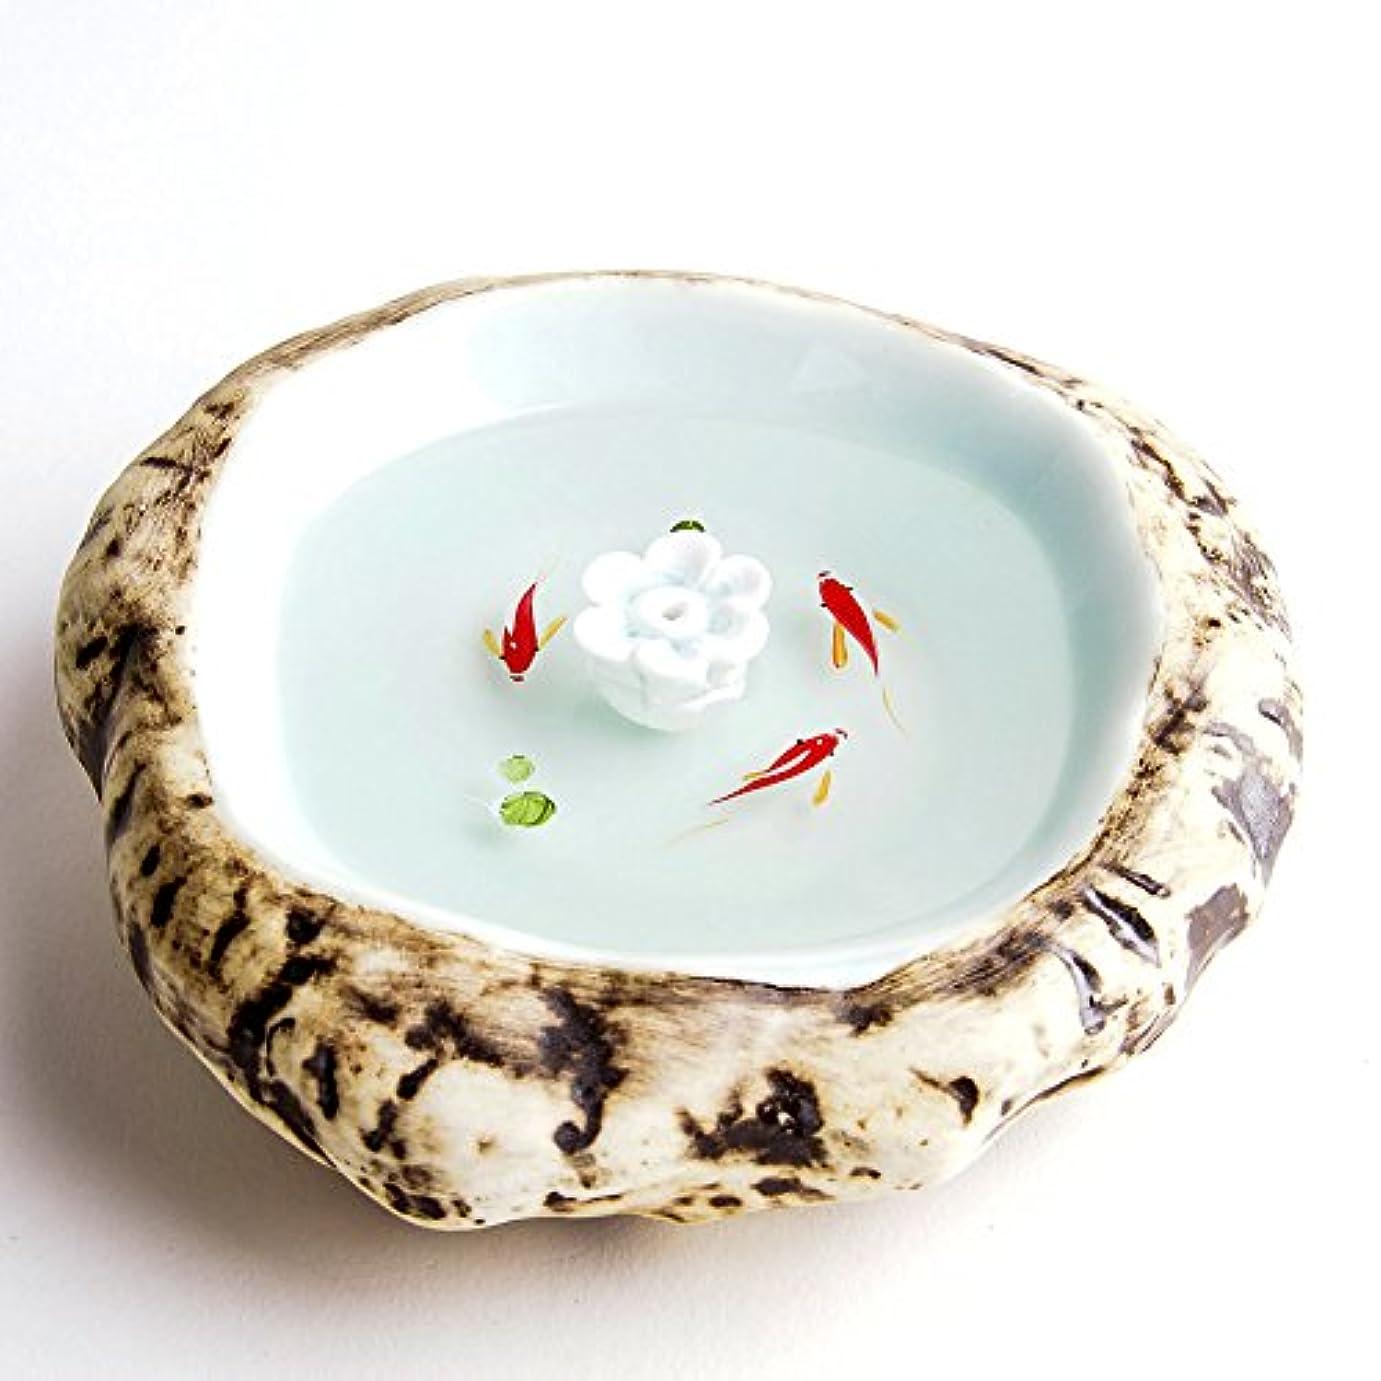 チューリップスズメバチ感性お香立て お香たて 香の器 お香を焚いて 香皿,陶磁器、白